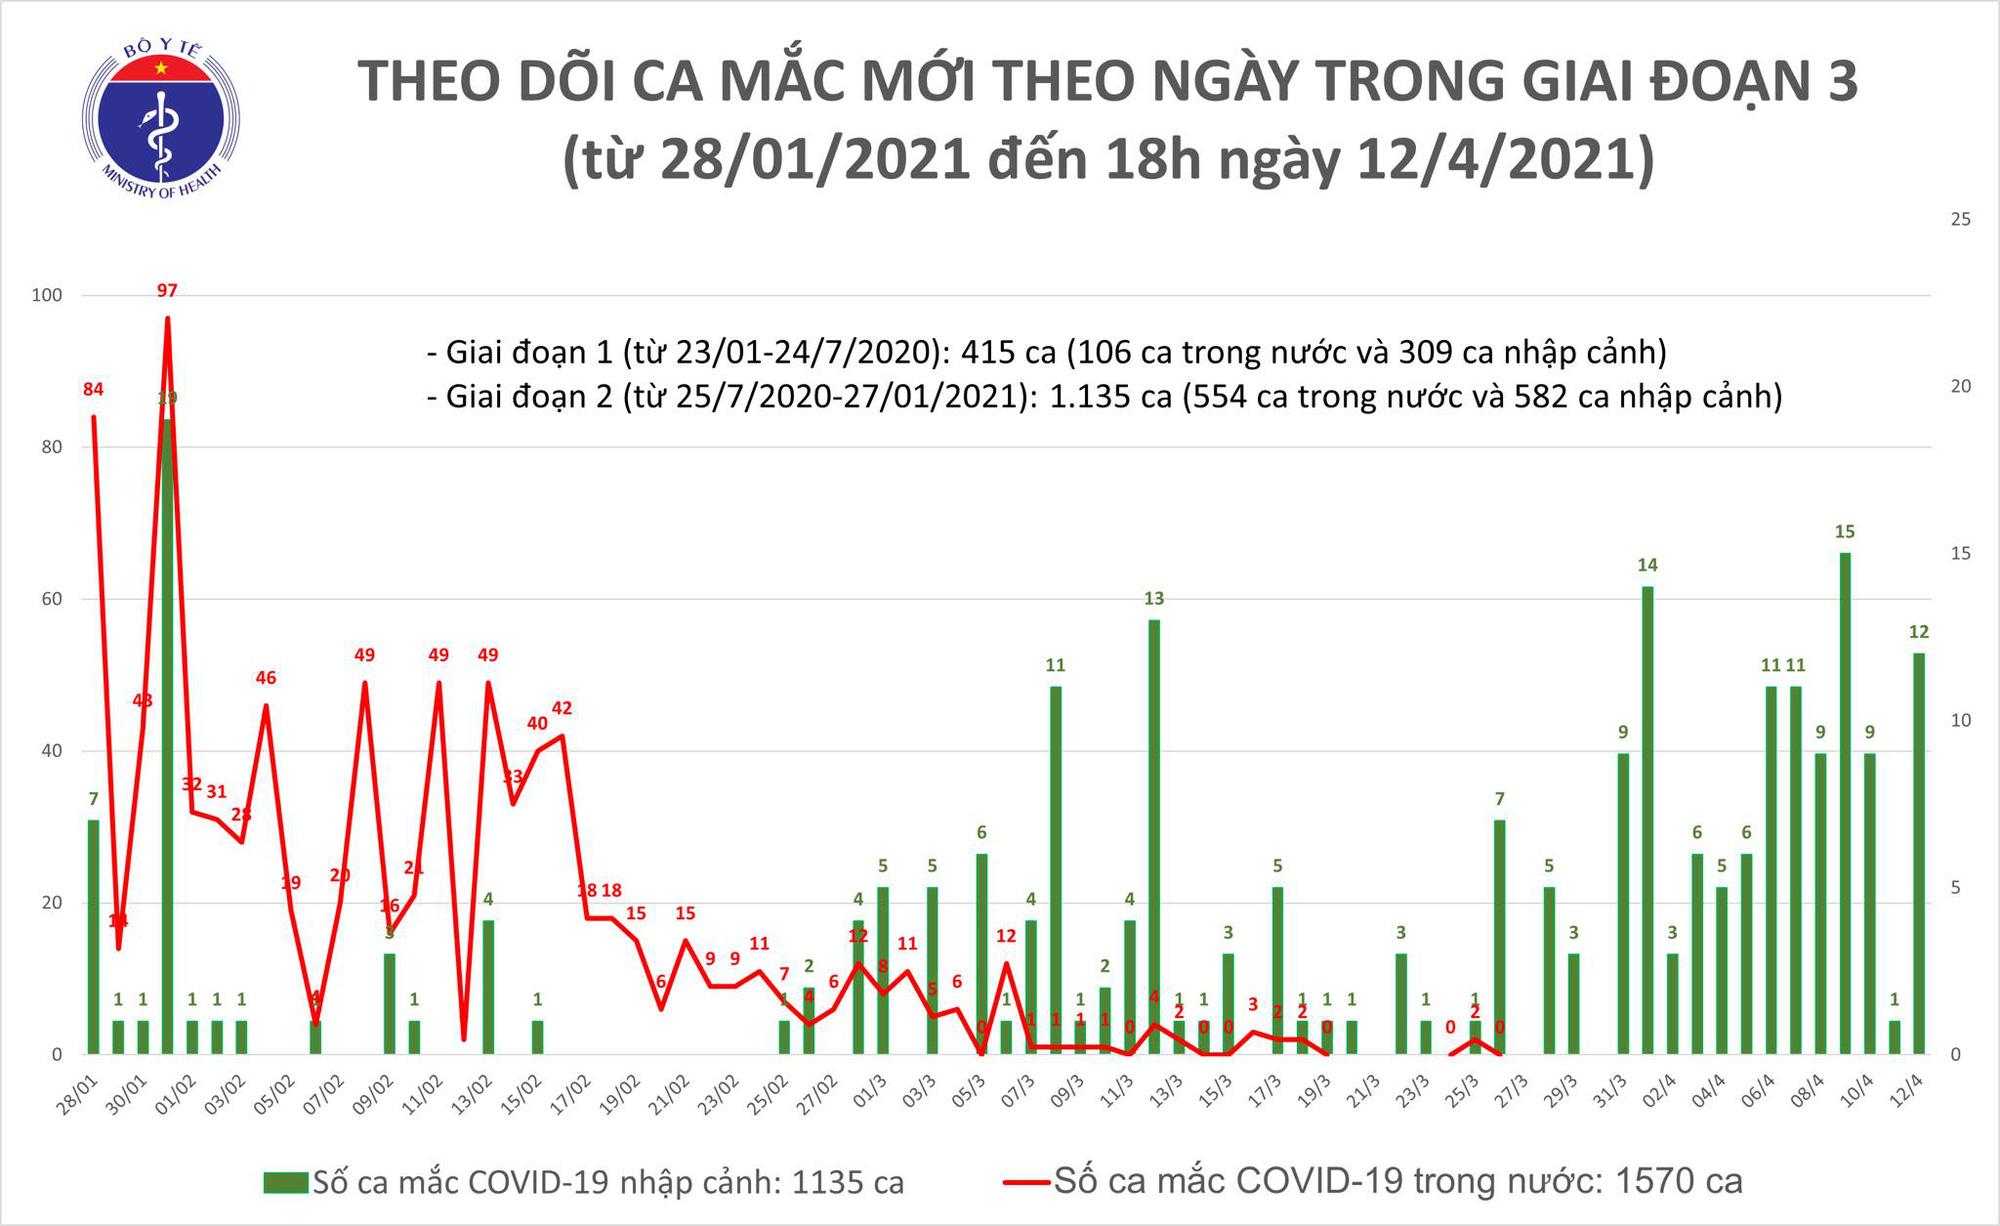 Chiều 12/4, 8 người Việt và 1 chuyên gia người Đức mắc Covid-19  - Ảnh 1.